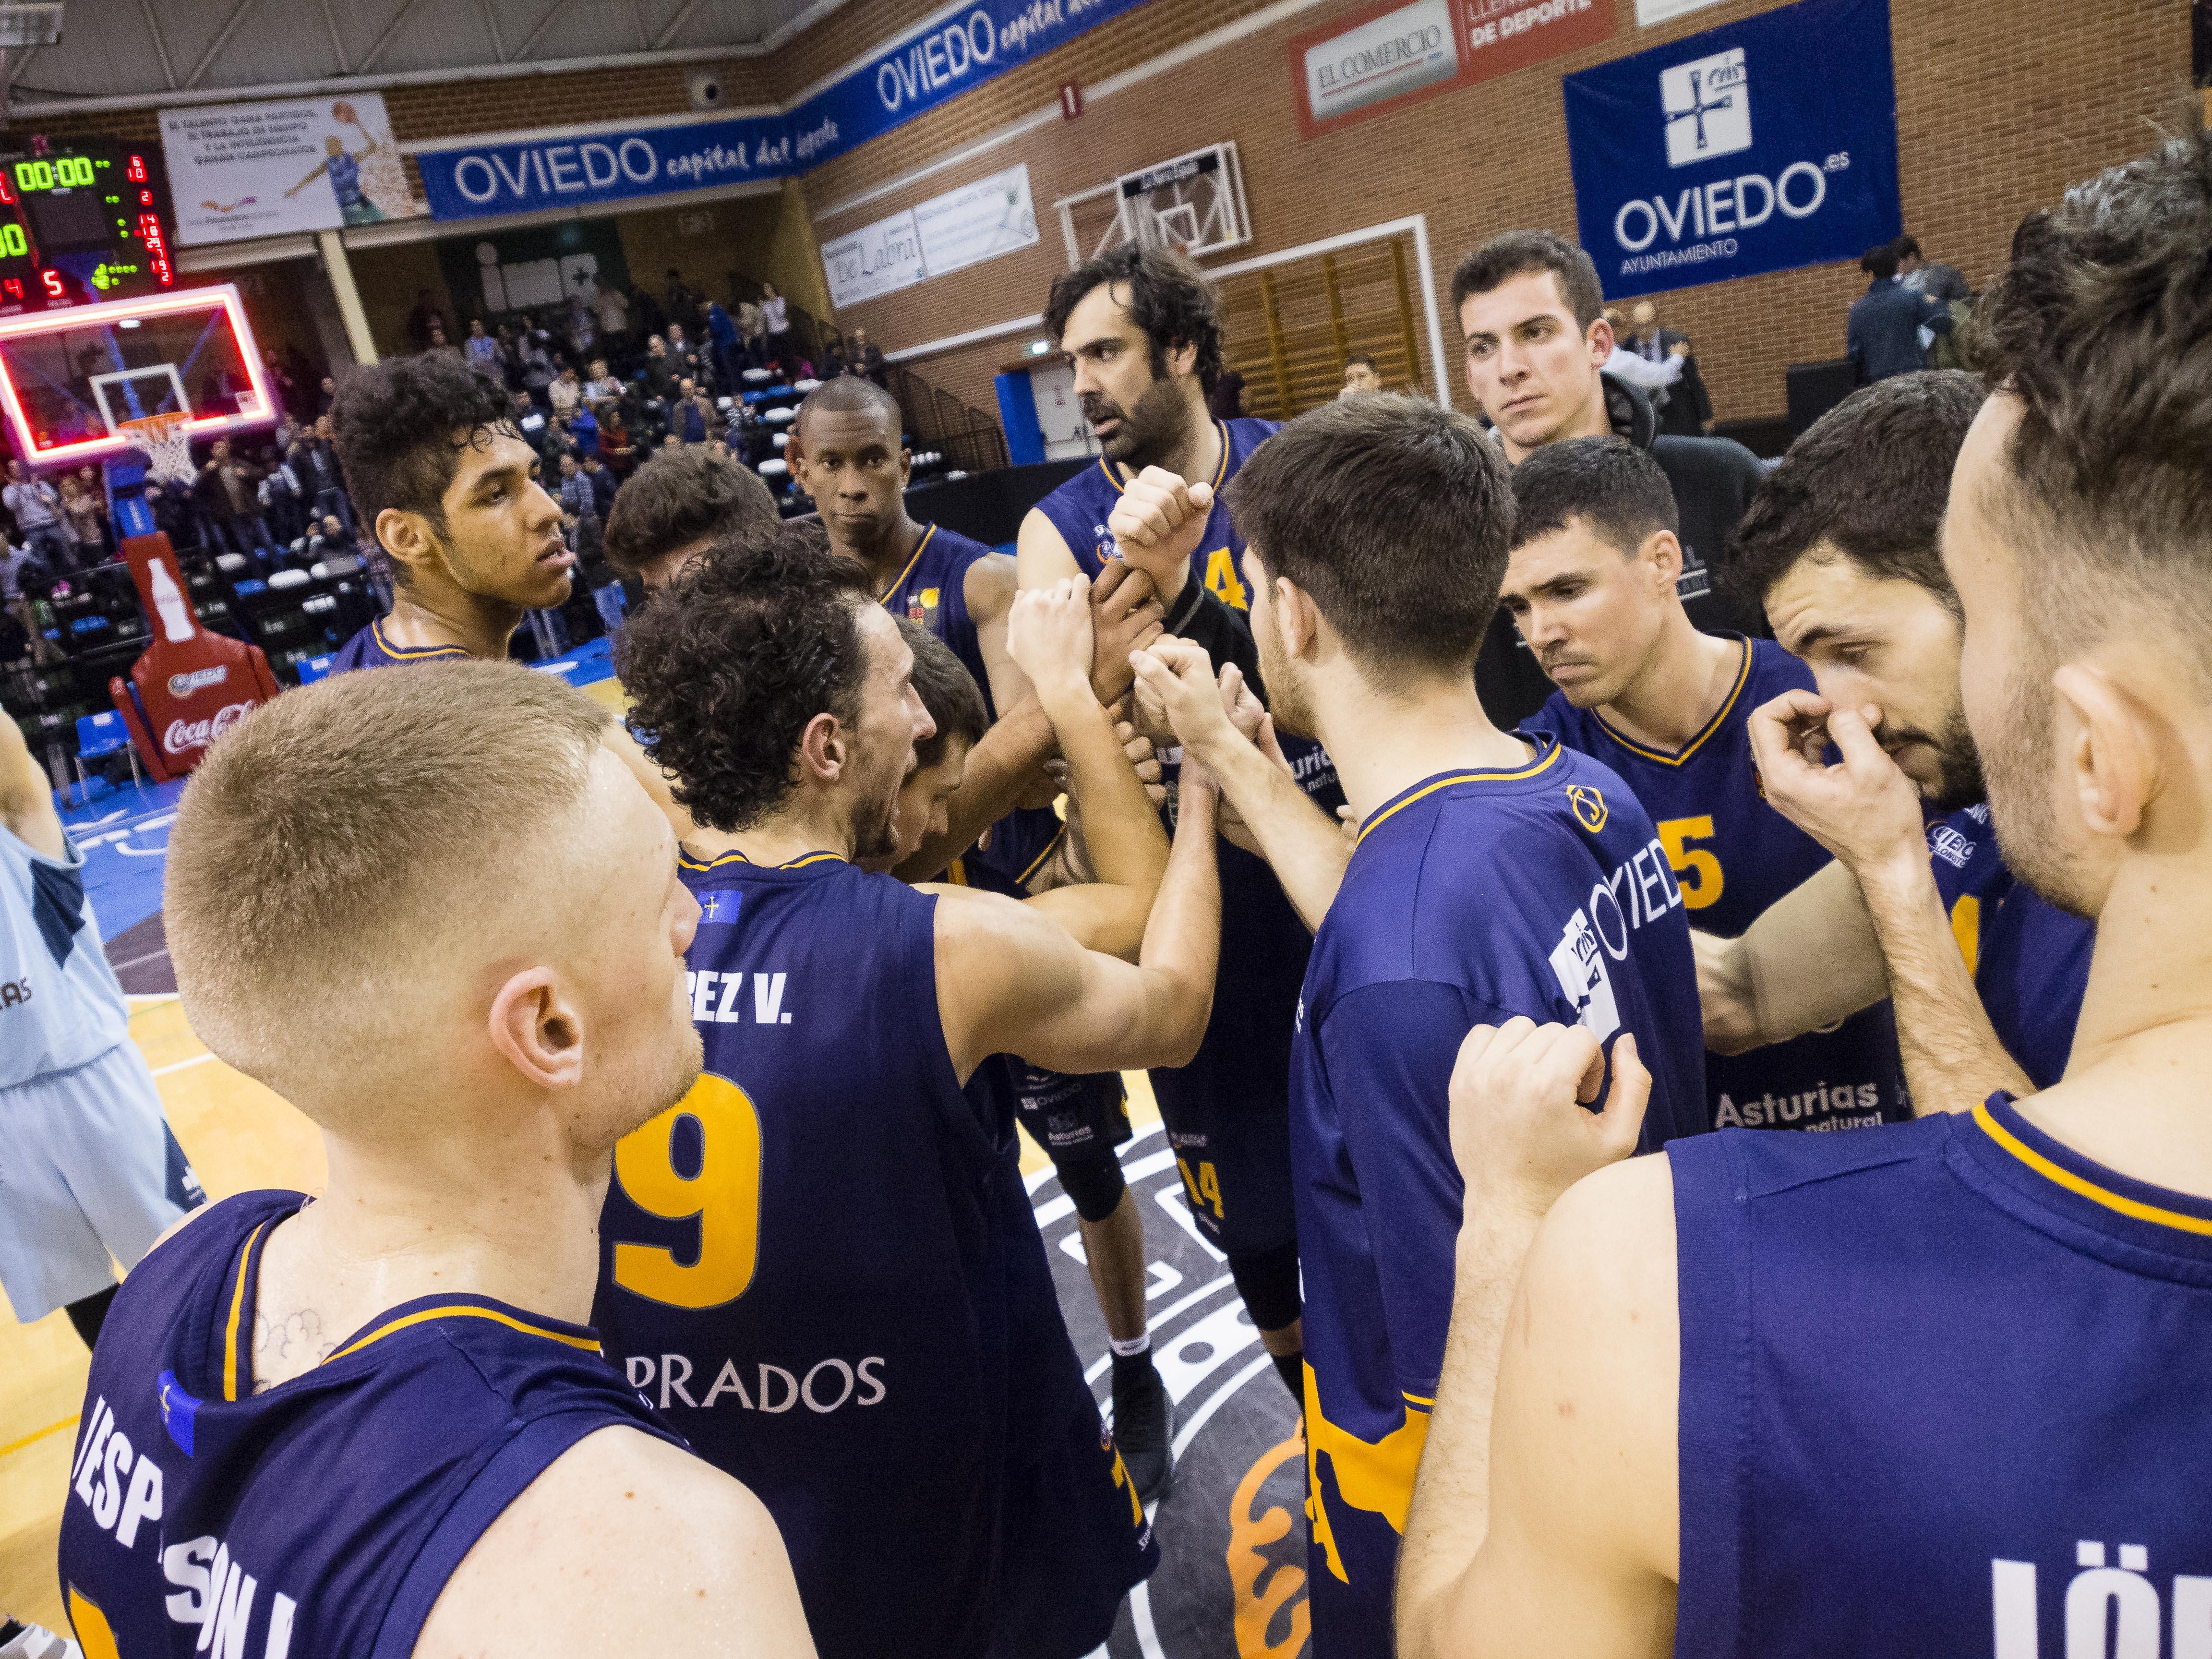 Jugadores del Oviedo haciendo piña tras la derrota (Foto: Christian García)